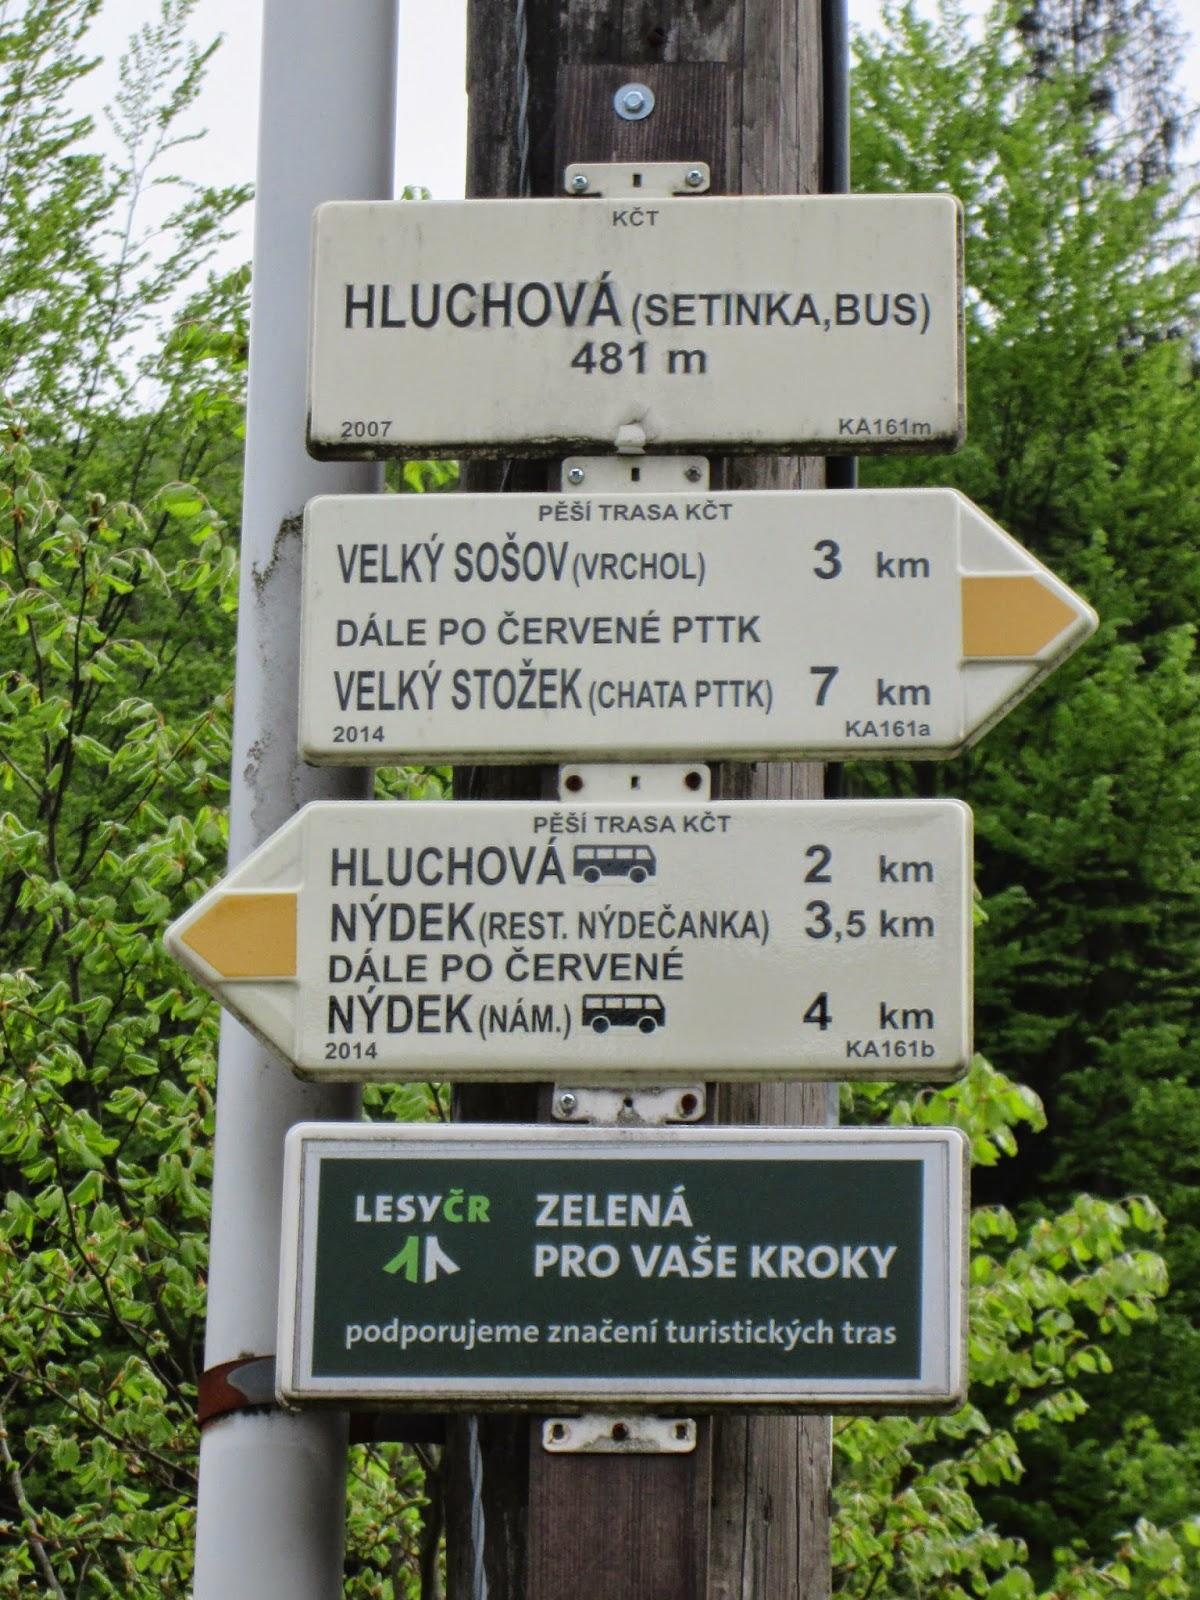 Szlak turystyczny – Głuchowa Setinka – Wielki Soszów